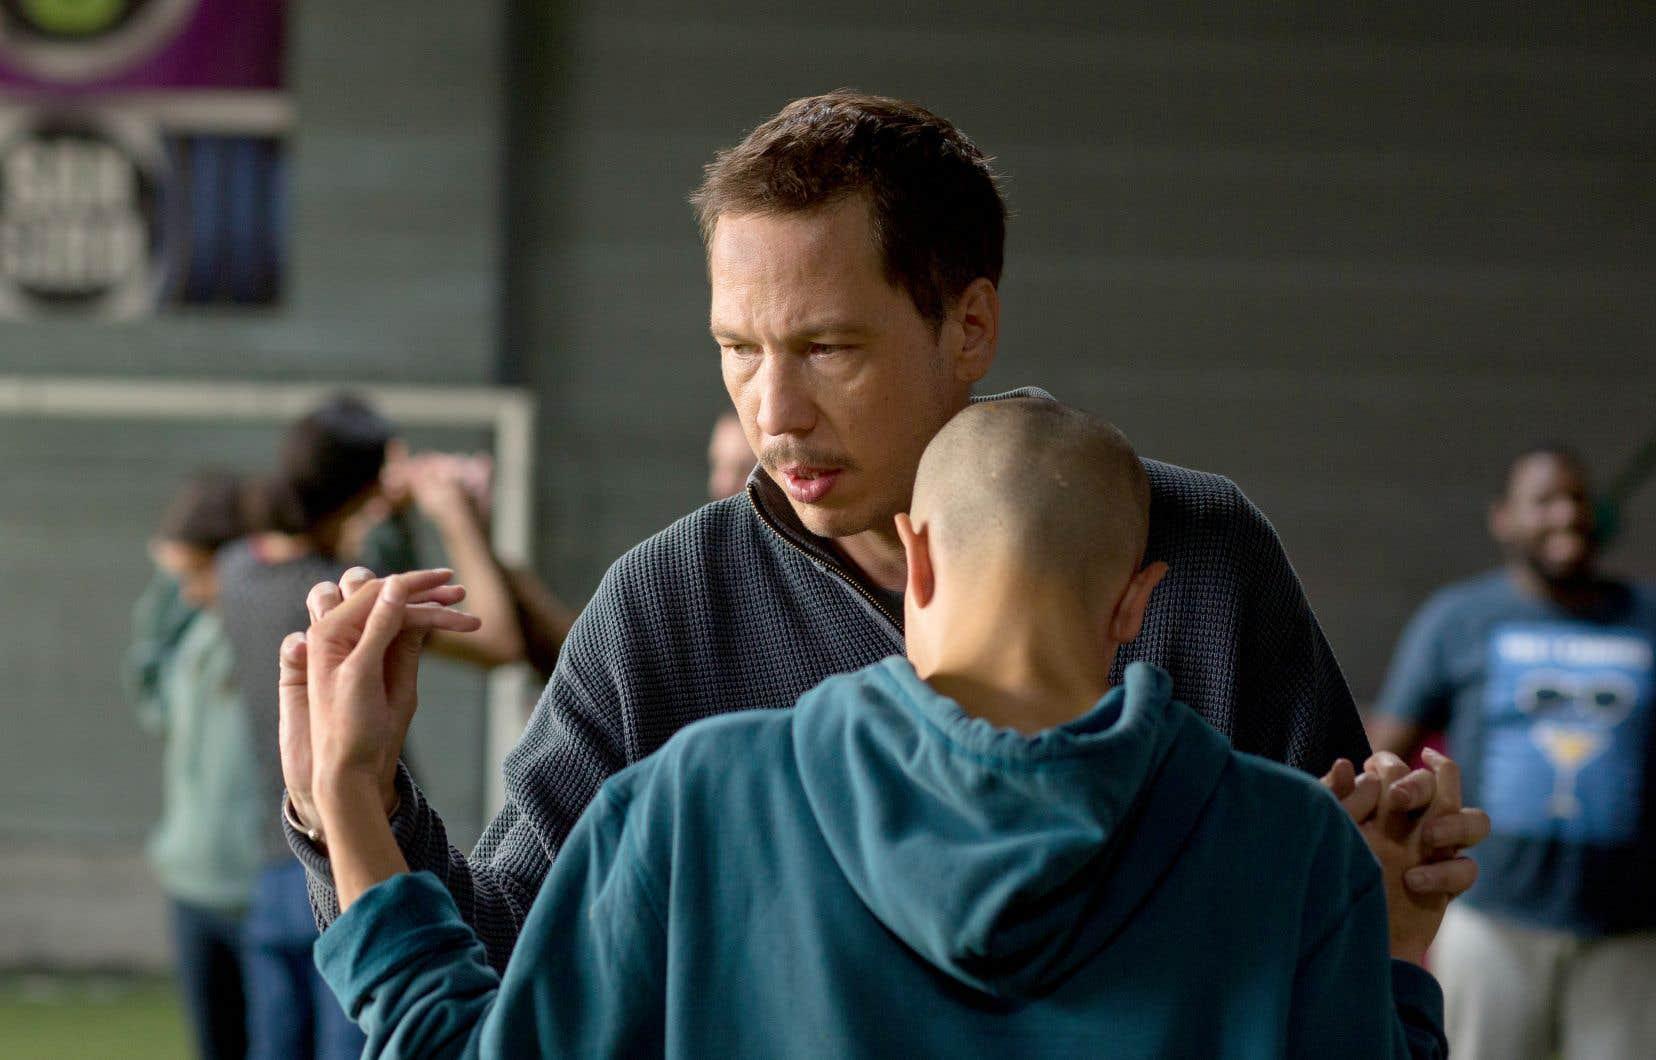 Plusieurs vrais jeunes autistes et référents apparaissent dans le film,  qui navigue entre fiction  et docufiction, dans une approche renforcée  par une caméra à l'épaule  à l'affût et  une esthétique sans fard.